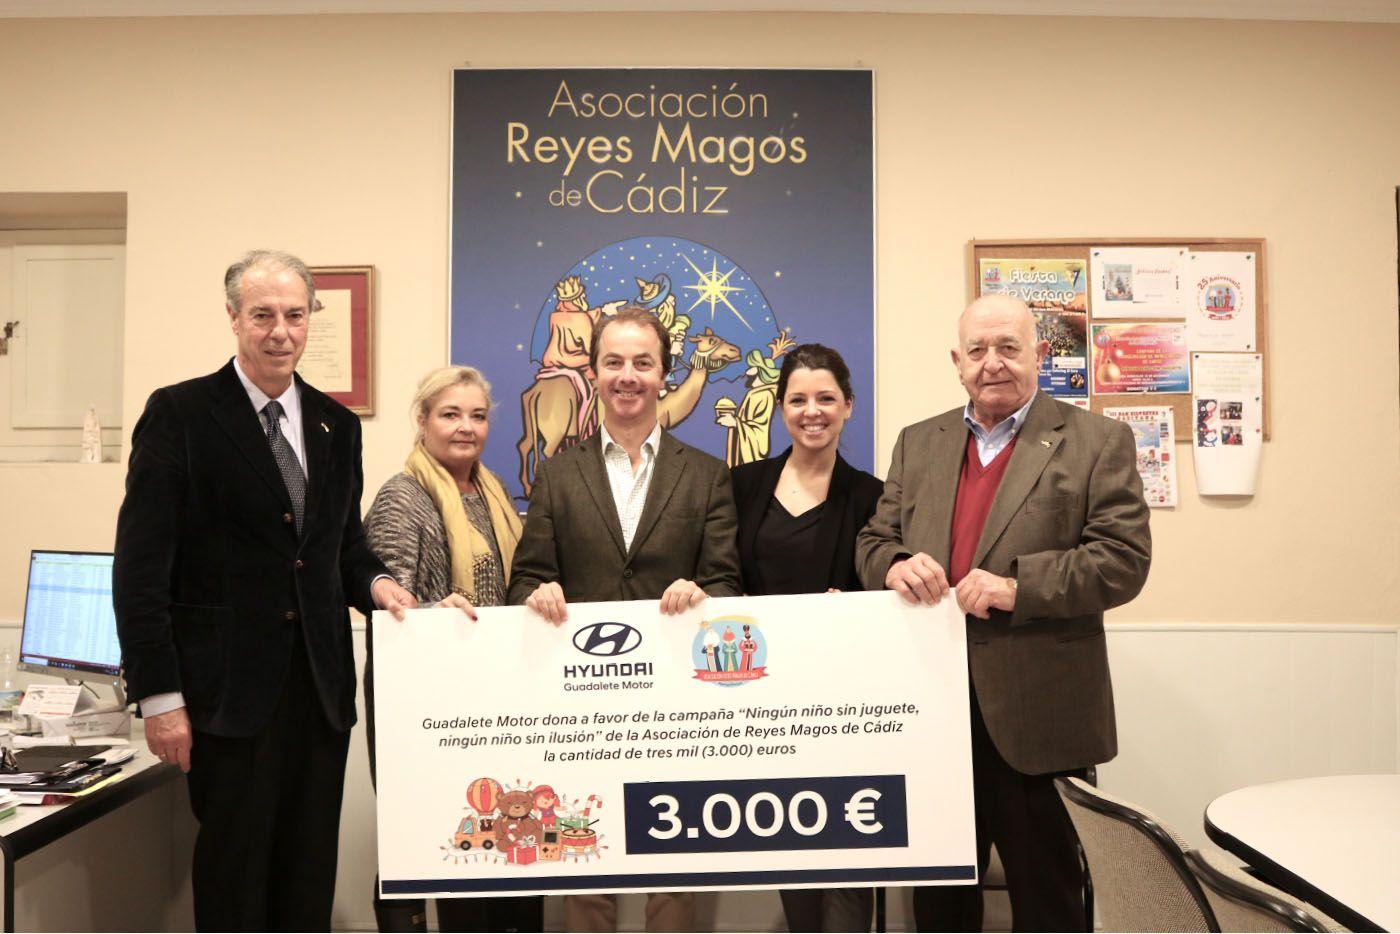 Guadalete Motor dona 3.000 euros a la Asociación de Reyes Magos de Cádiz